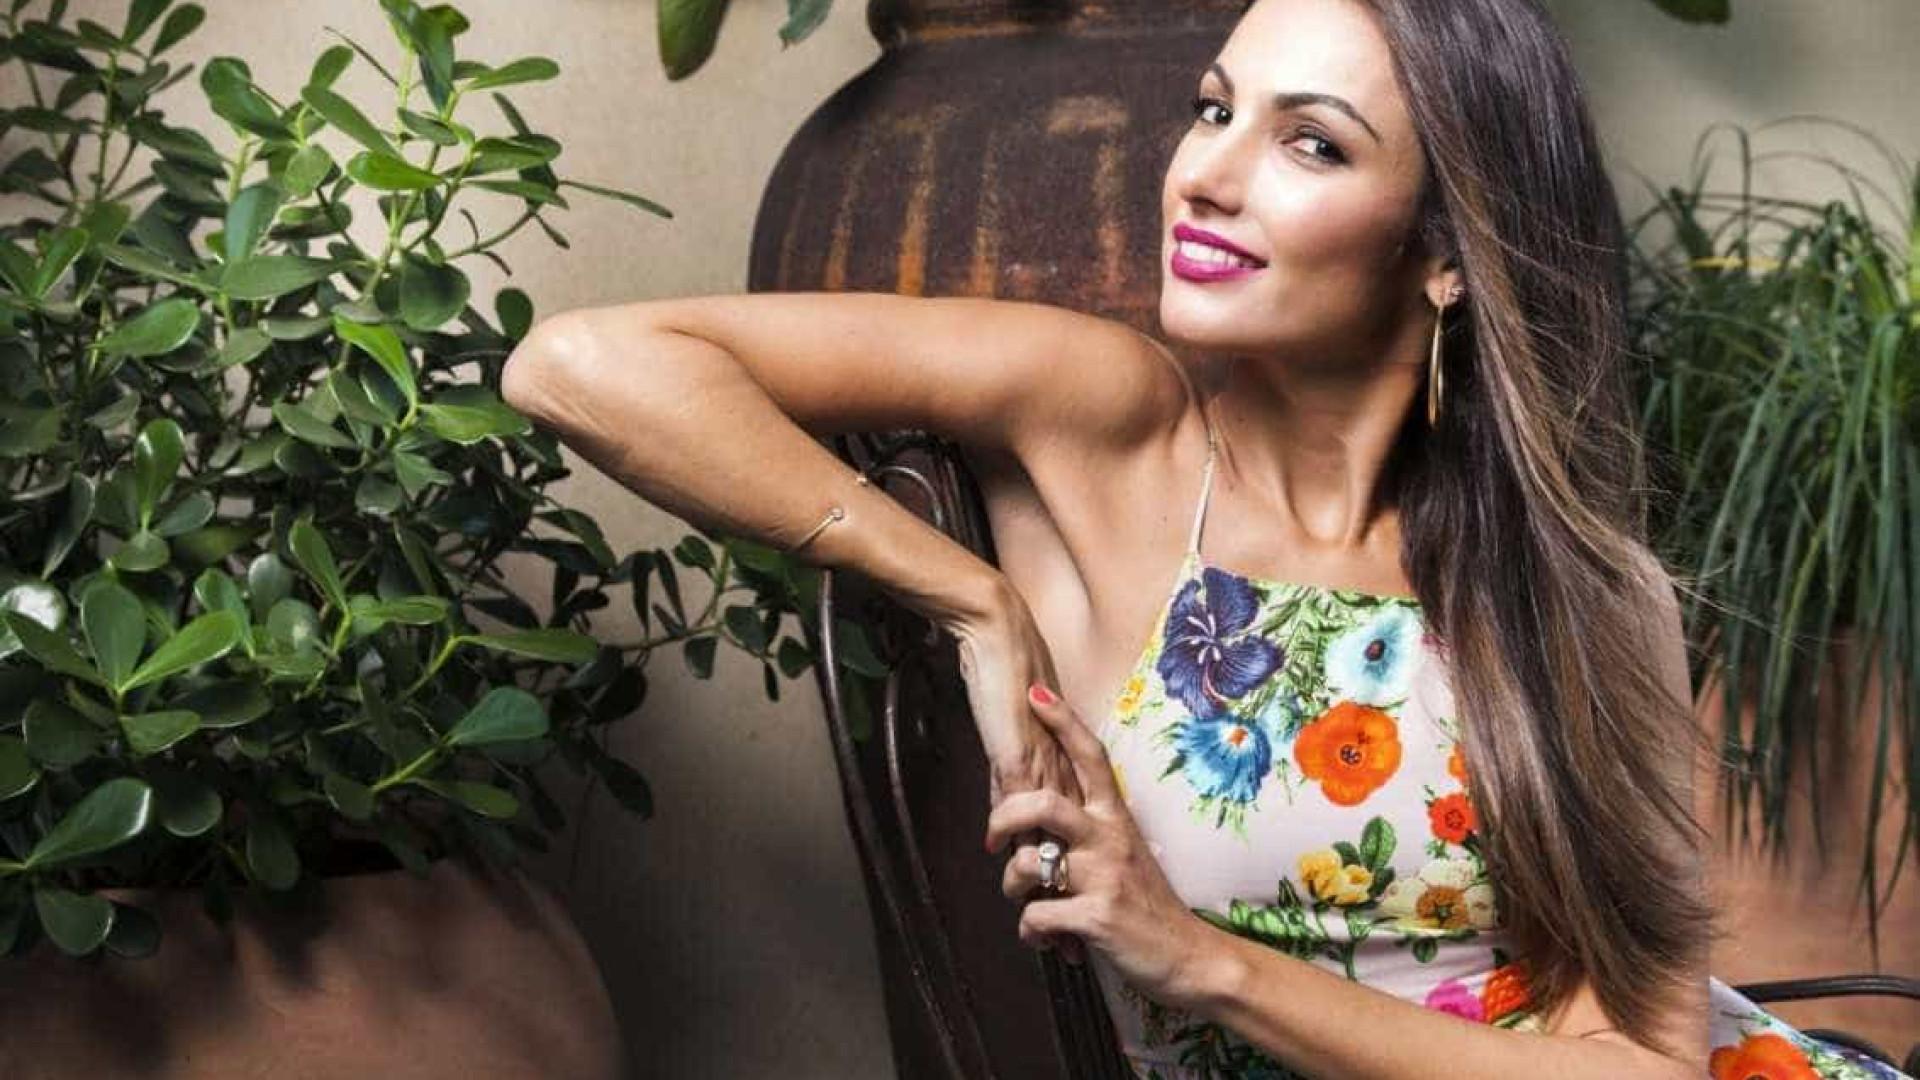 Patrícia Poeta será indenizada em R$ 30 mil por uso indevido de imagem